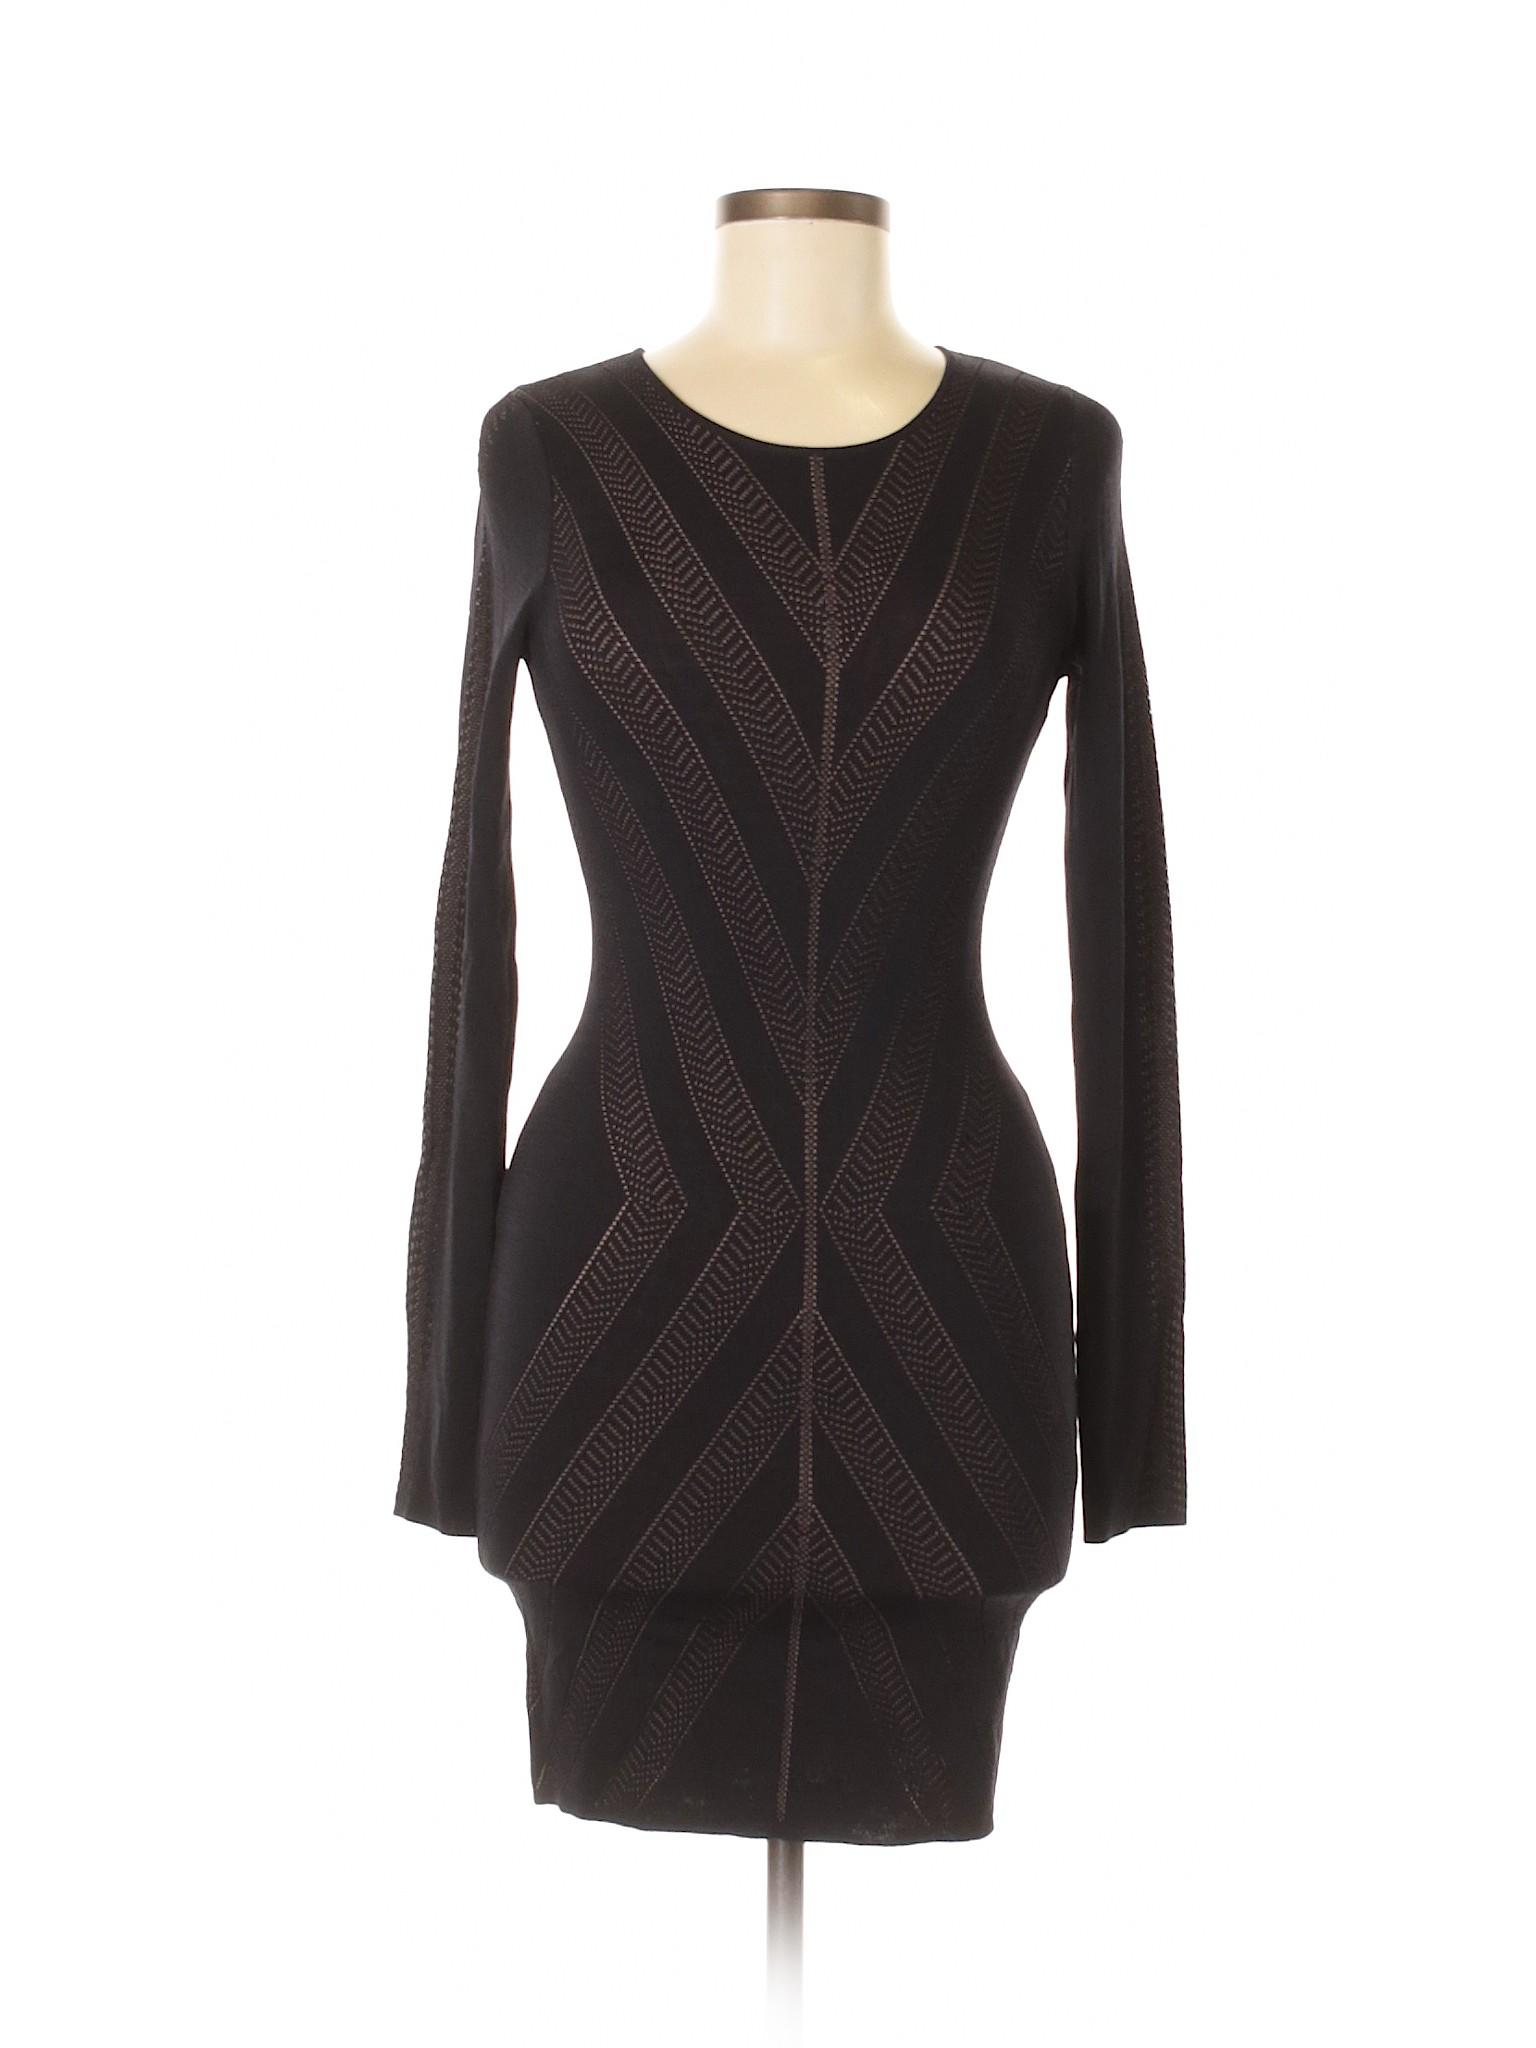 by Dress Casual Kobo Boutique winter Torn Ronny Yn64qECR